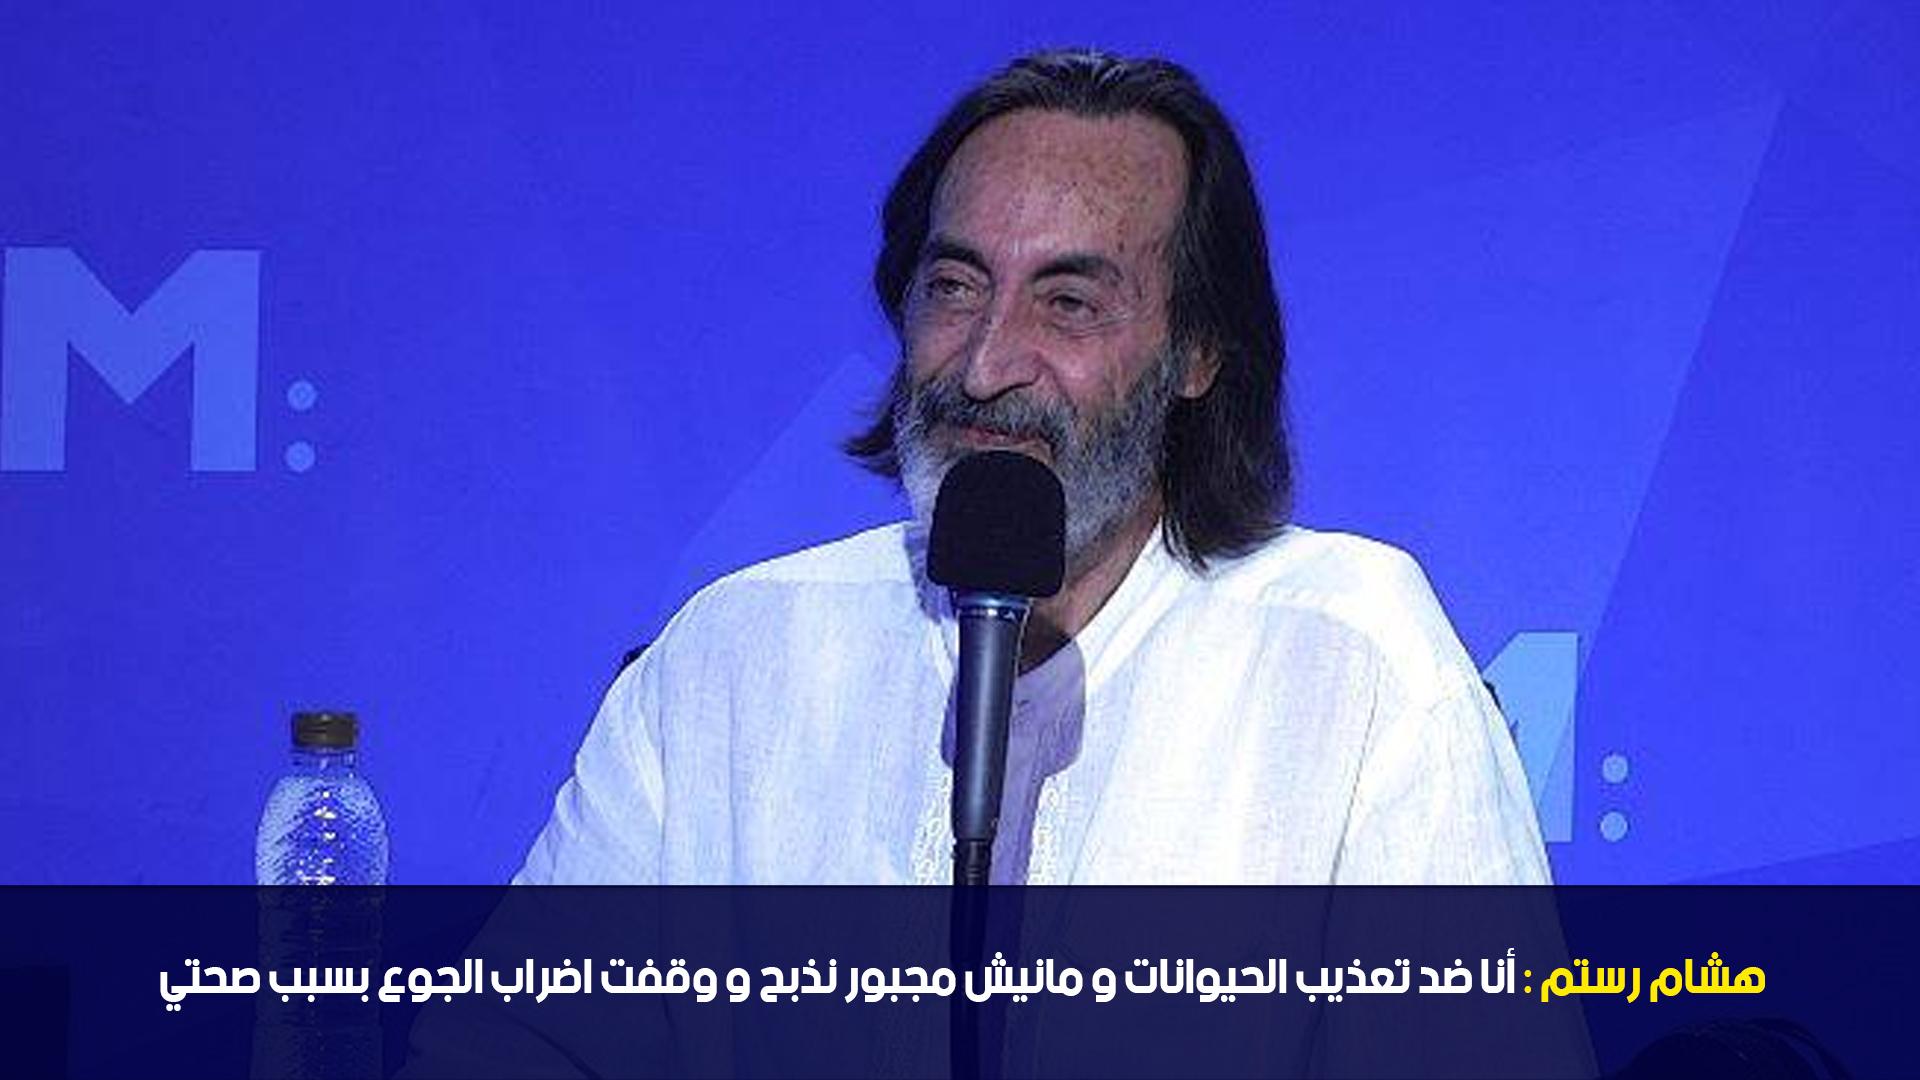 هشام رستم : أنا ضد تعذيب الحيوانات و مانيش مجبور نذبح و وقفت اضراب الجوع بسبب صحتي